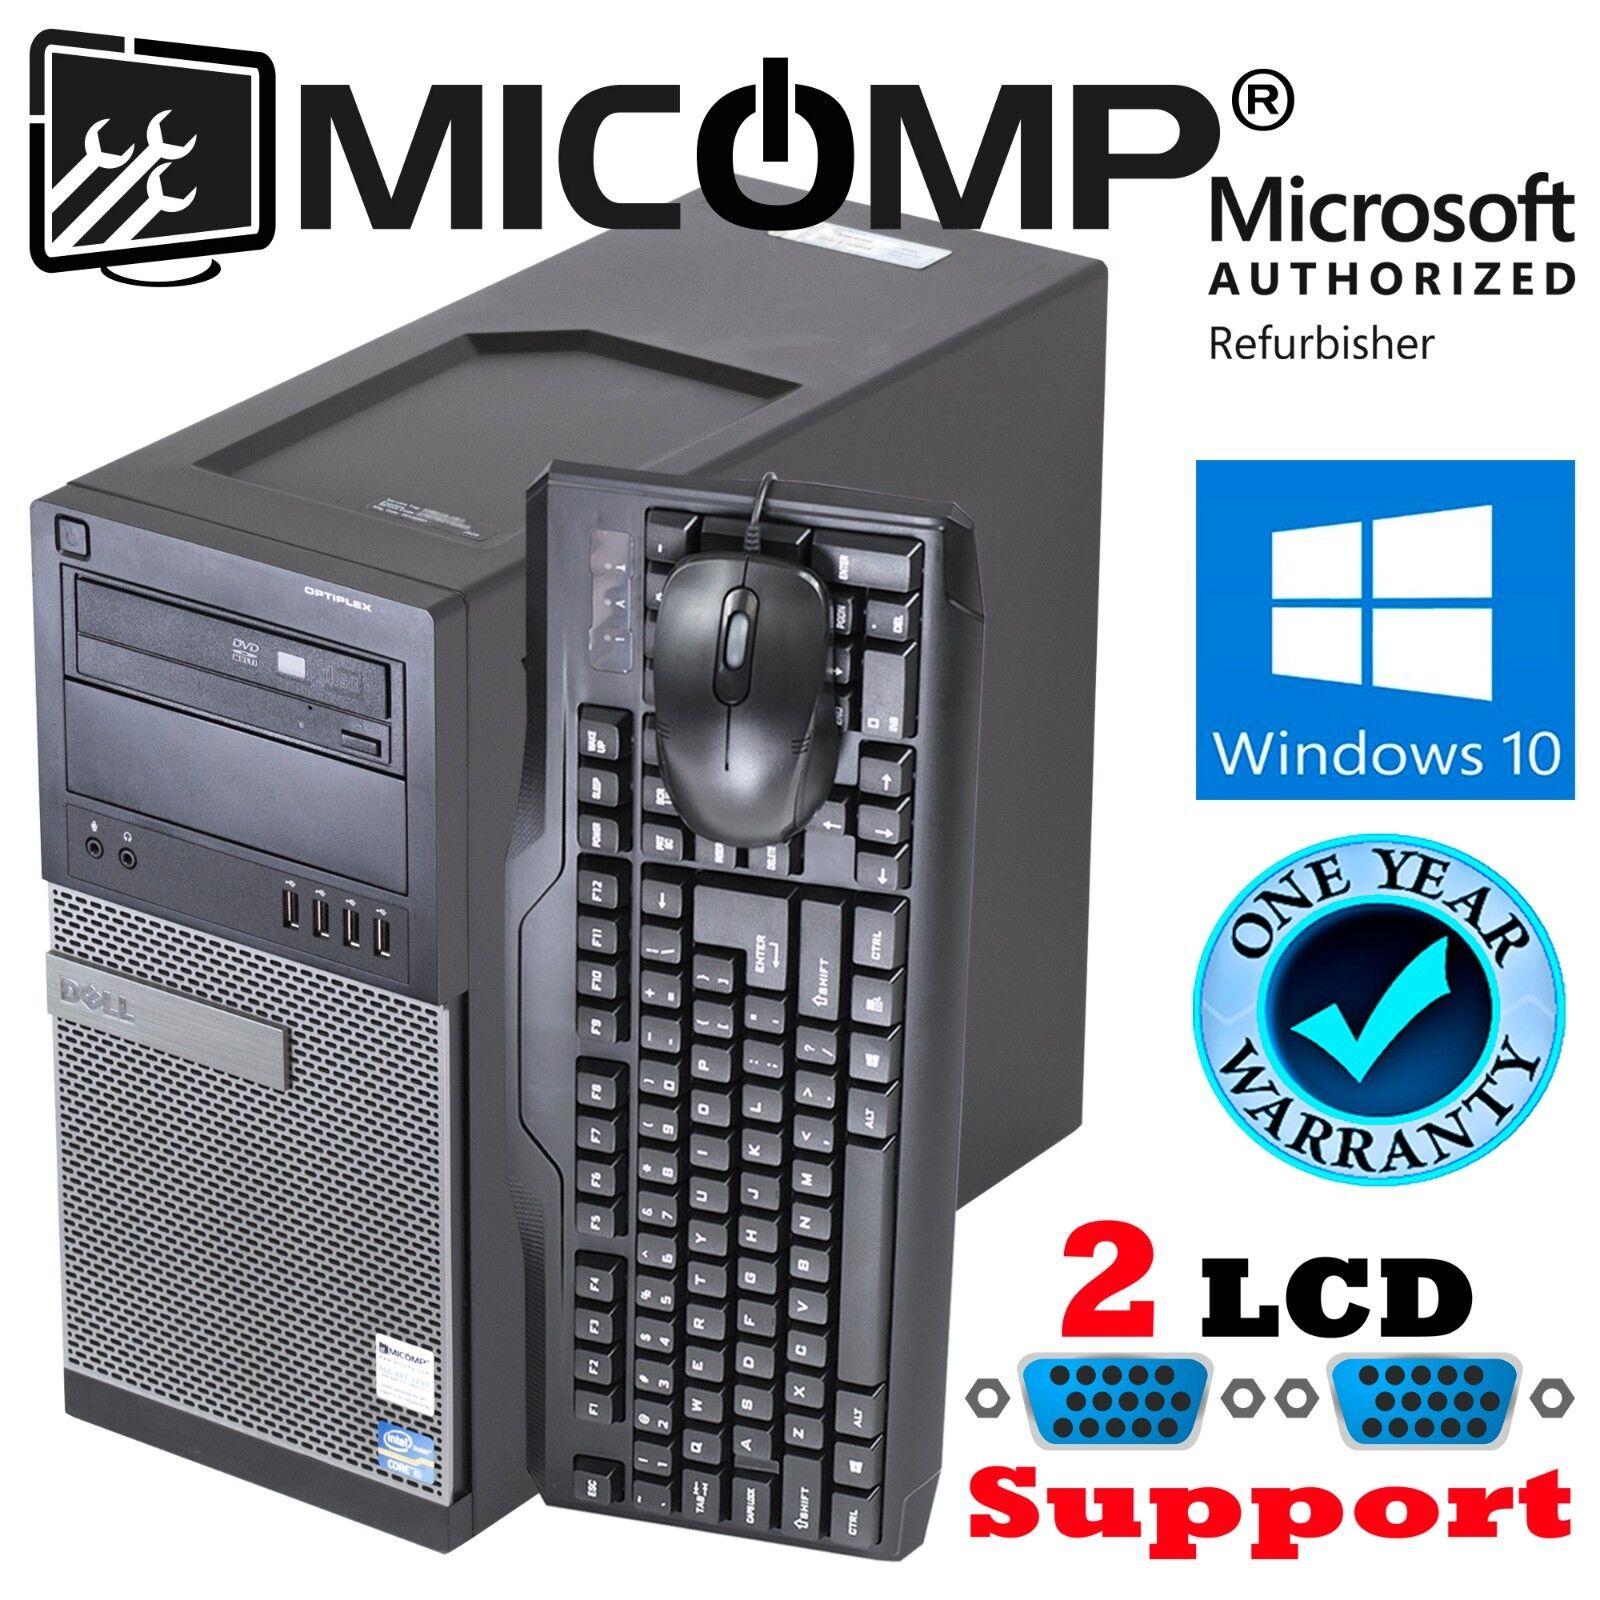 Fast Intel i7 Dell Desktop Computer PC Windows 10 Pro 3.4Ghz 16GB New 250GB SSD